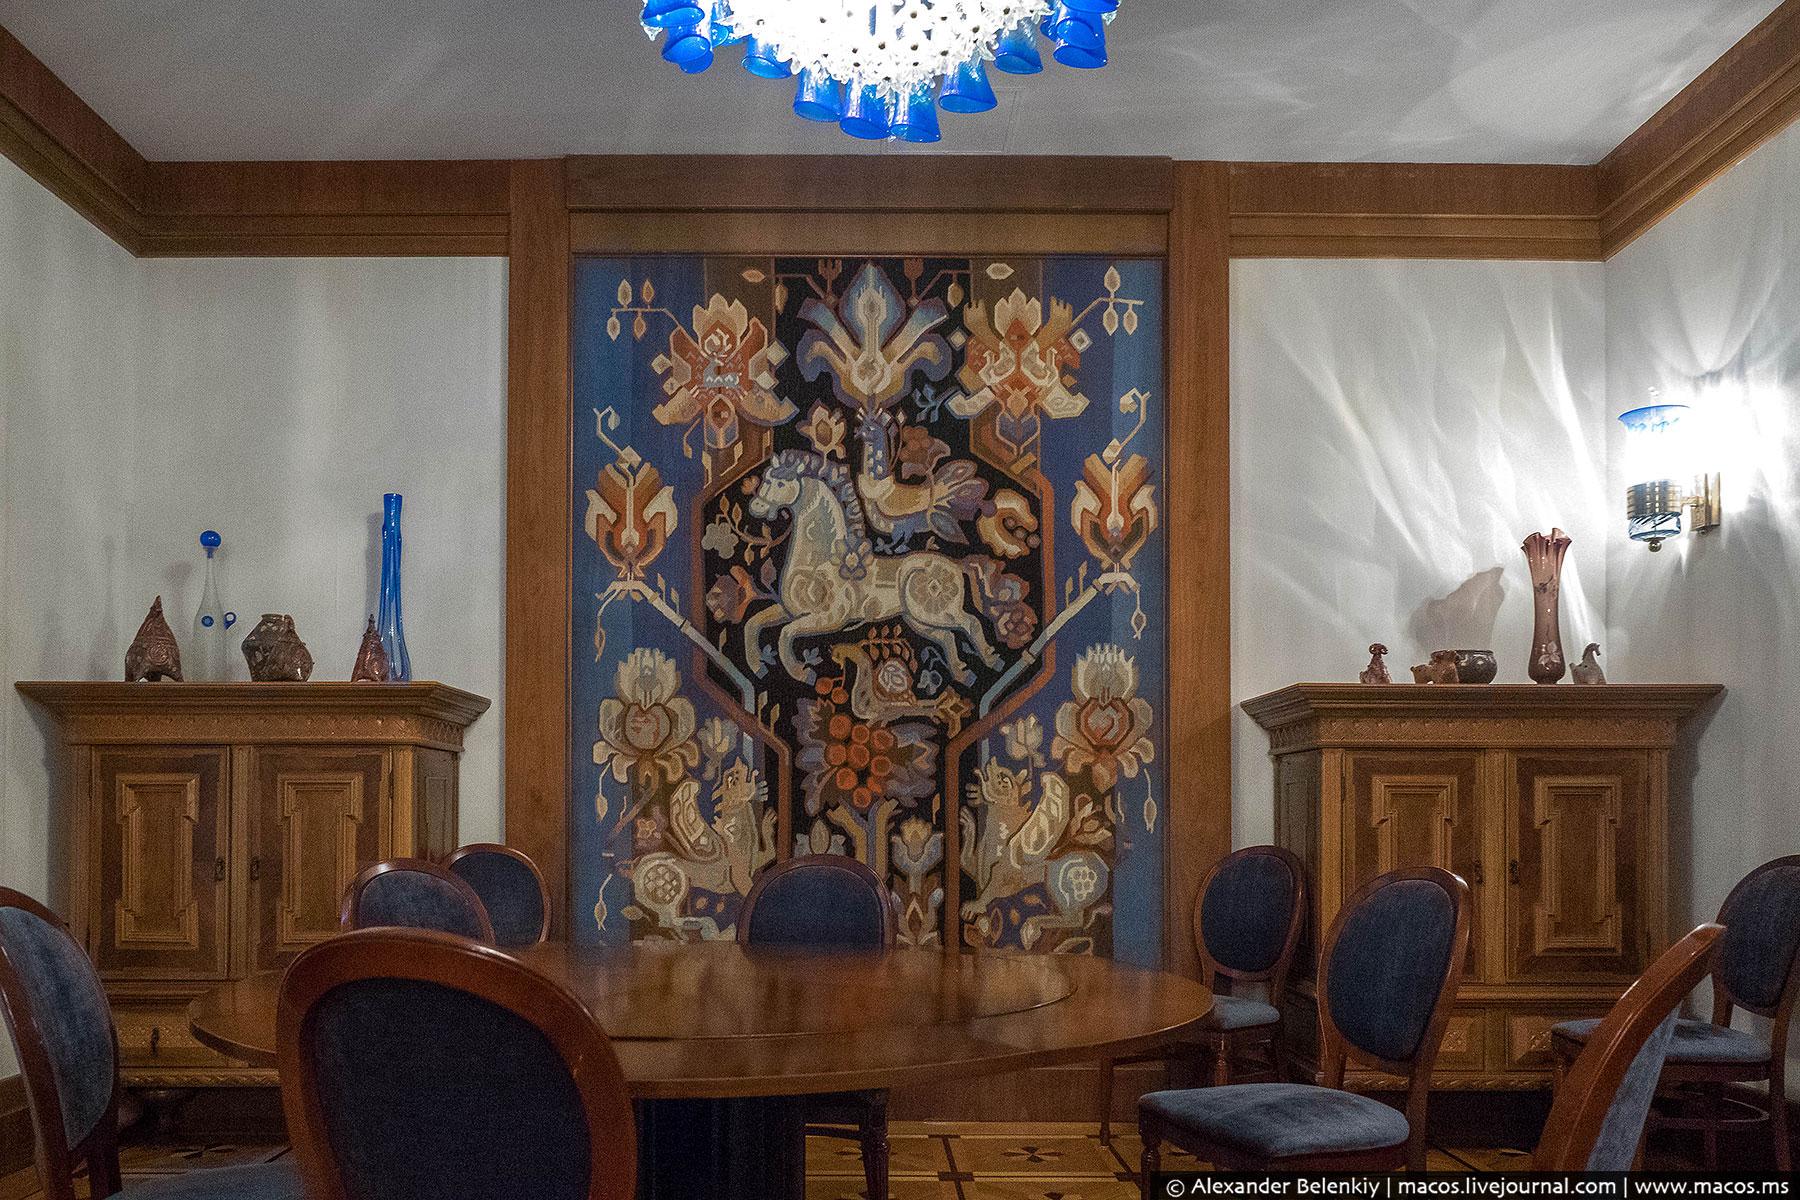 Один из переговорных залов посвящен Украине. Я ведь не просто так обратил внимание, что интерьеры бы